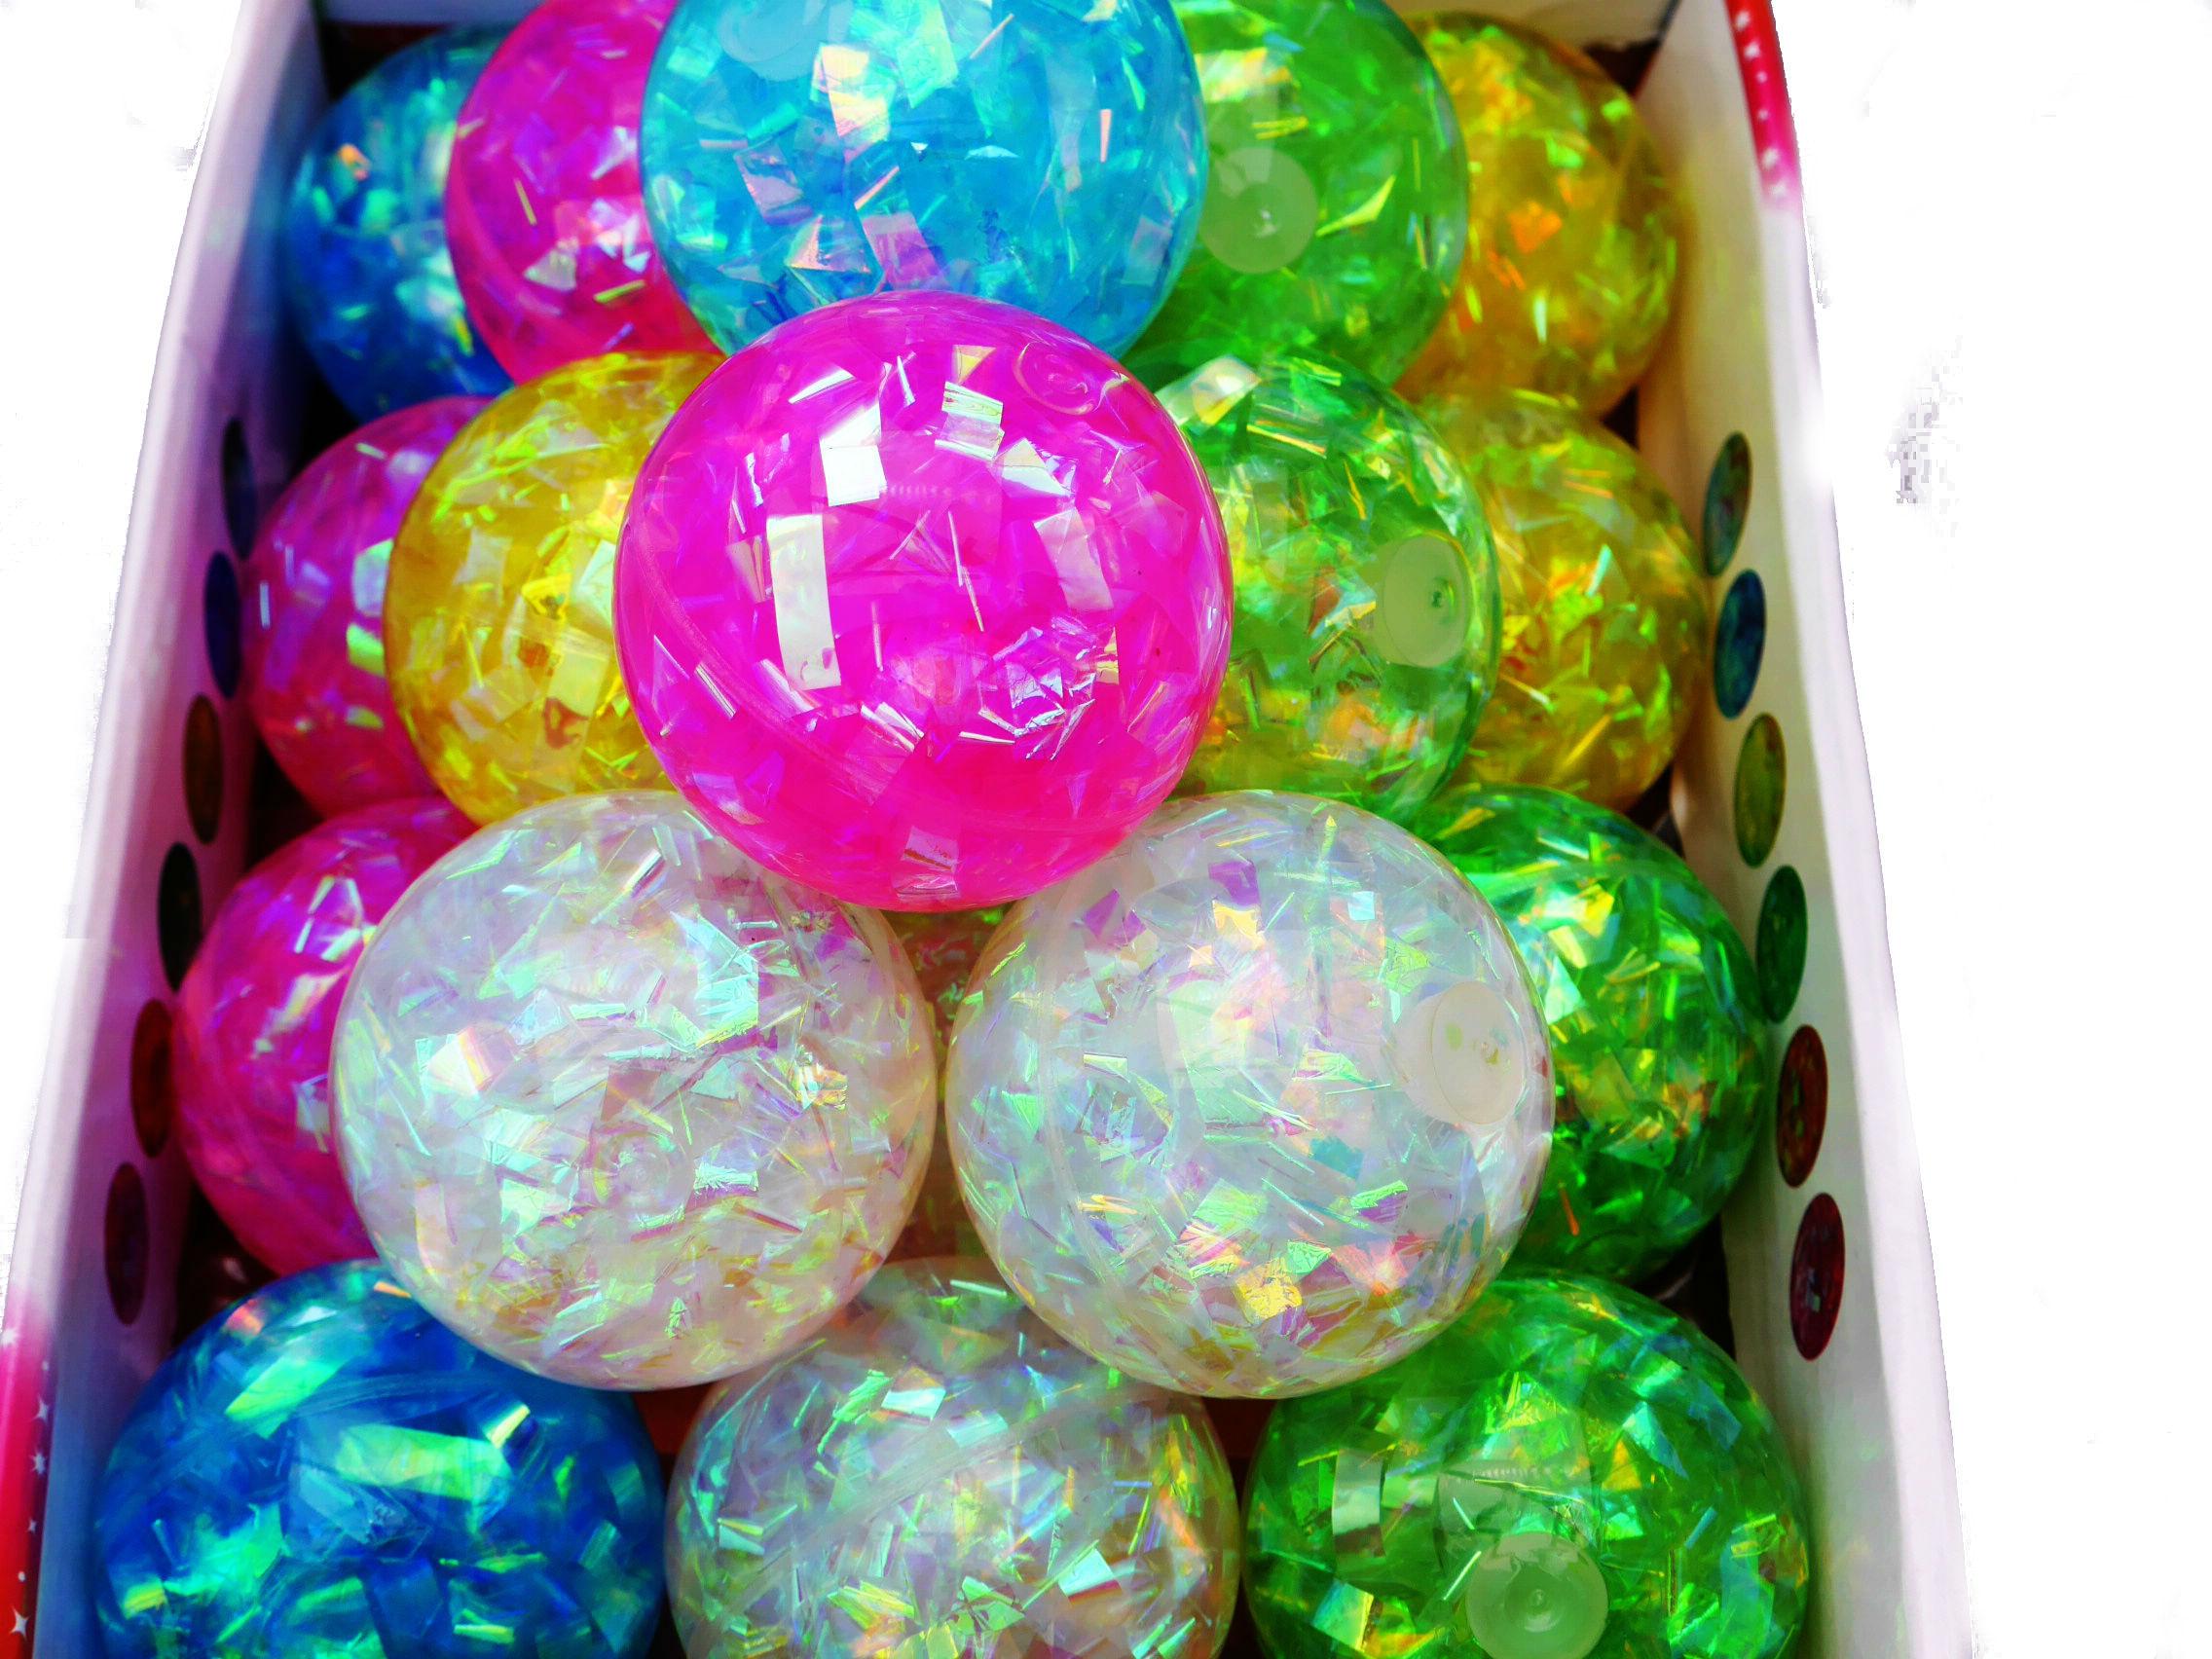 めちゃかわいいこのボールみんなに自慢したいぐらいです